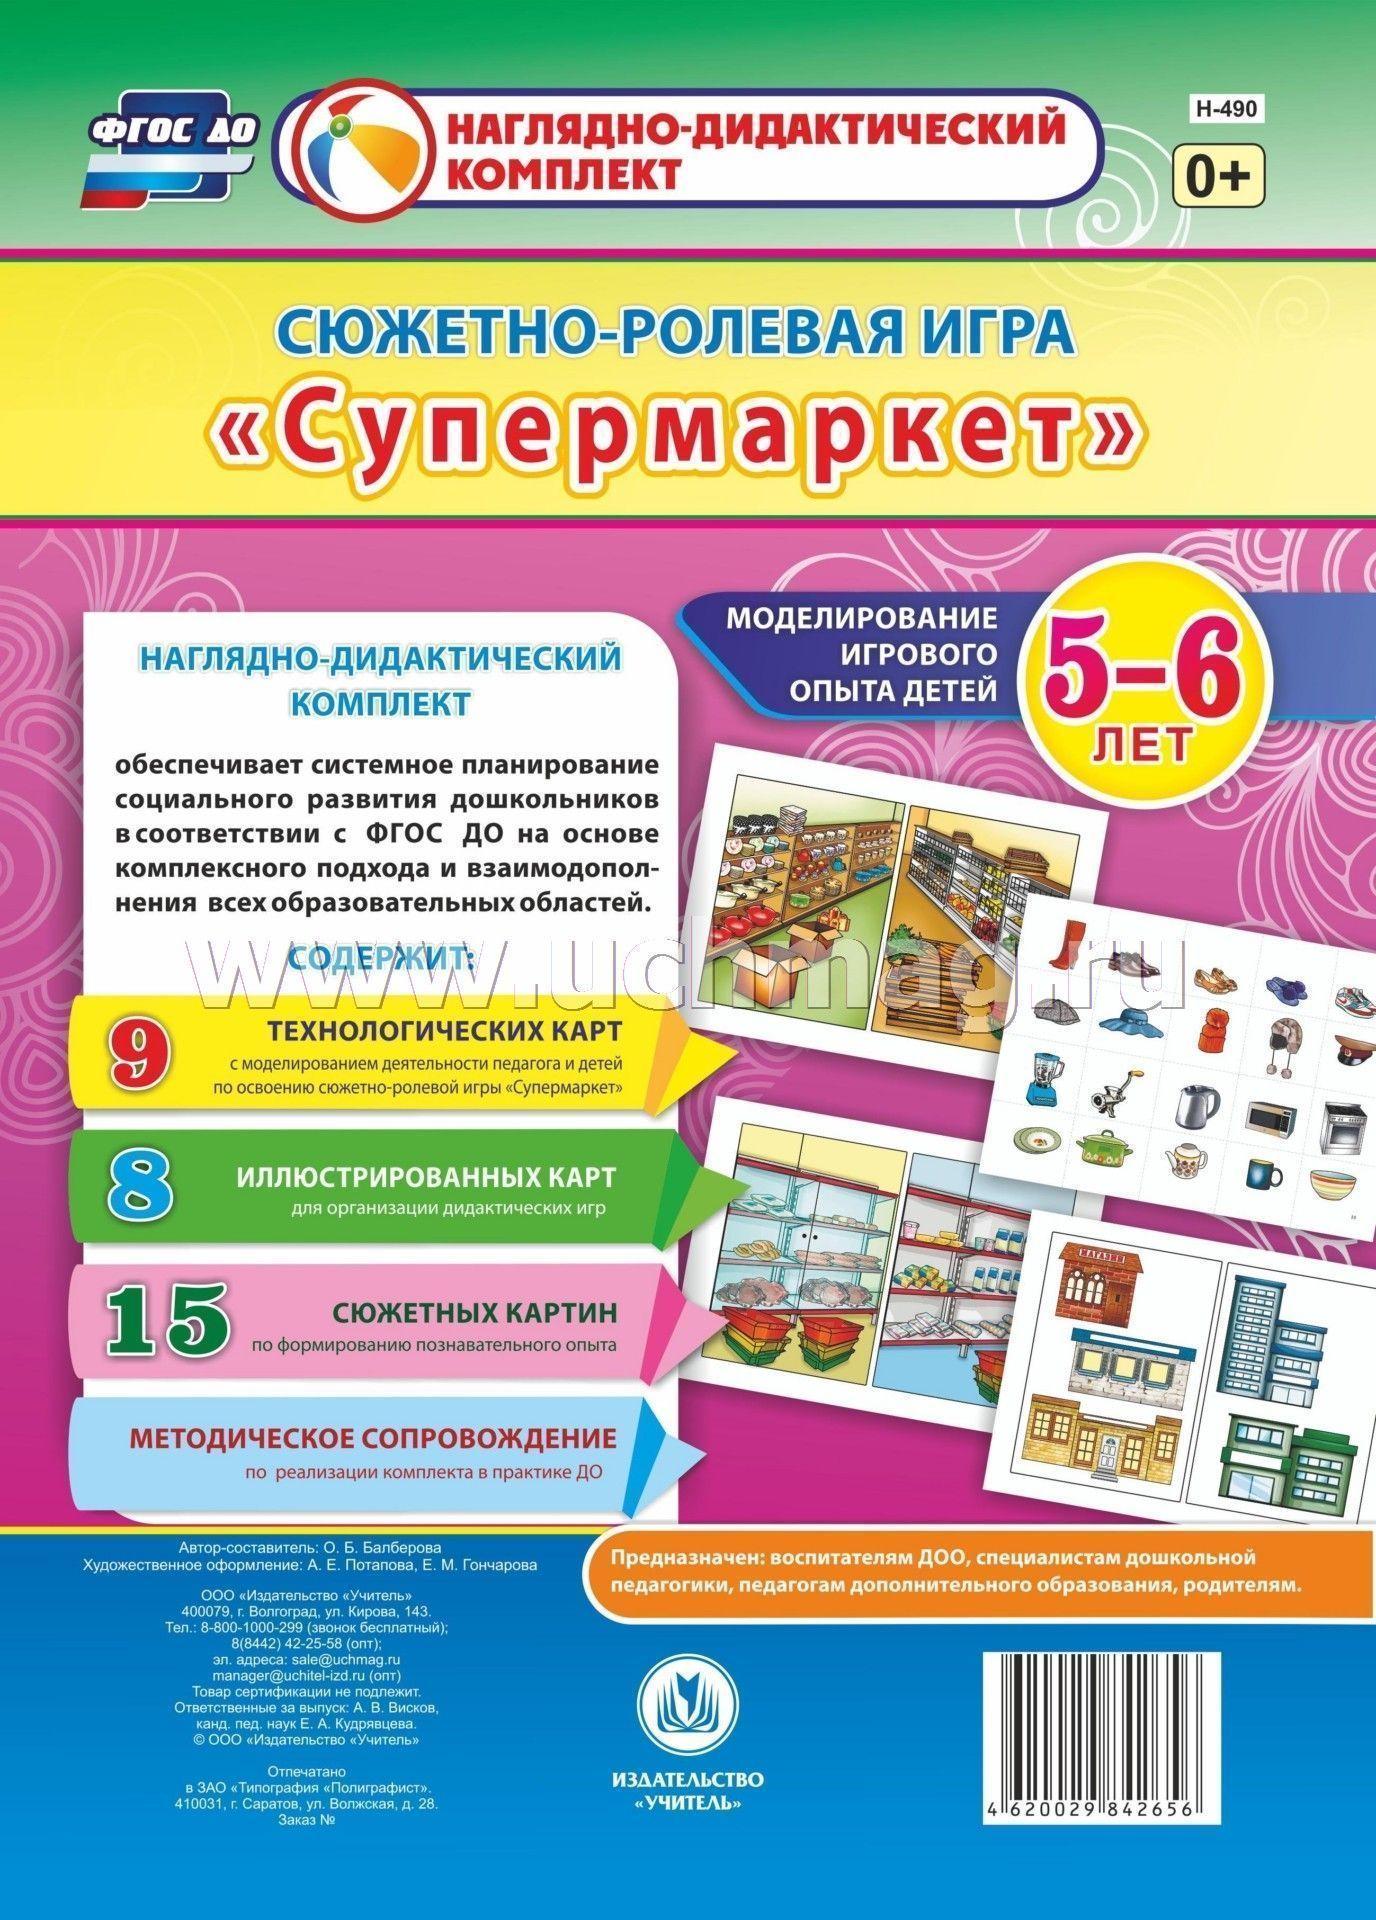 Сюжетно-ролевая игра магазин 5-6 летин скачать мобильную онлайн игру illodemiur